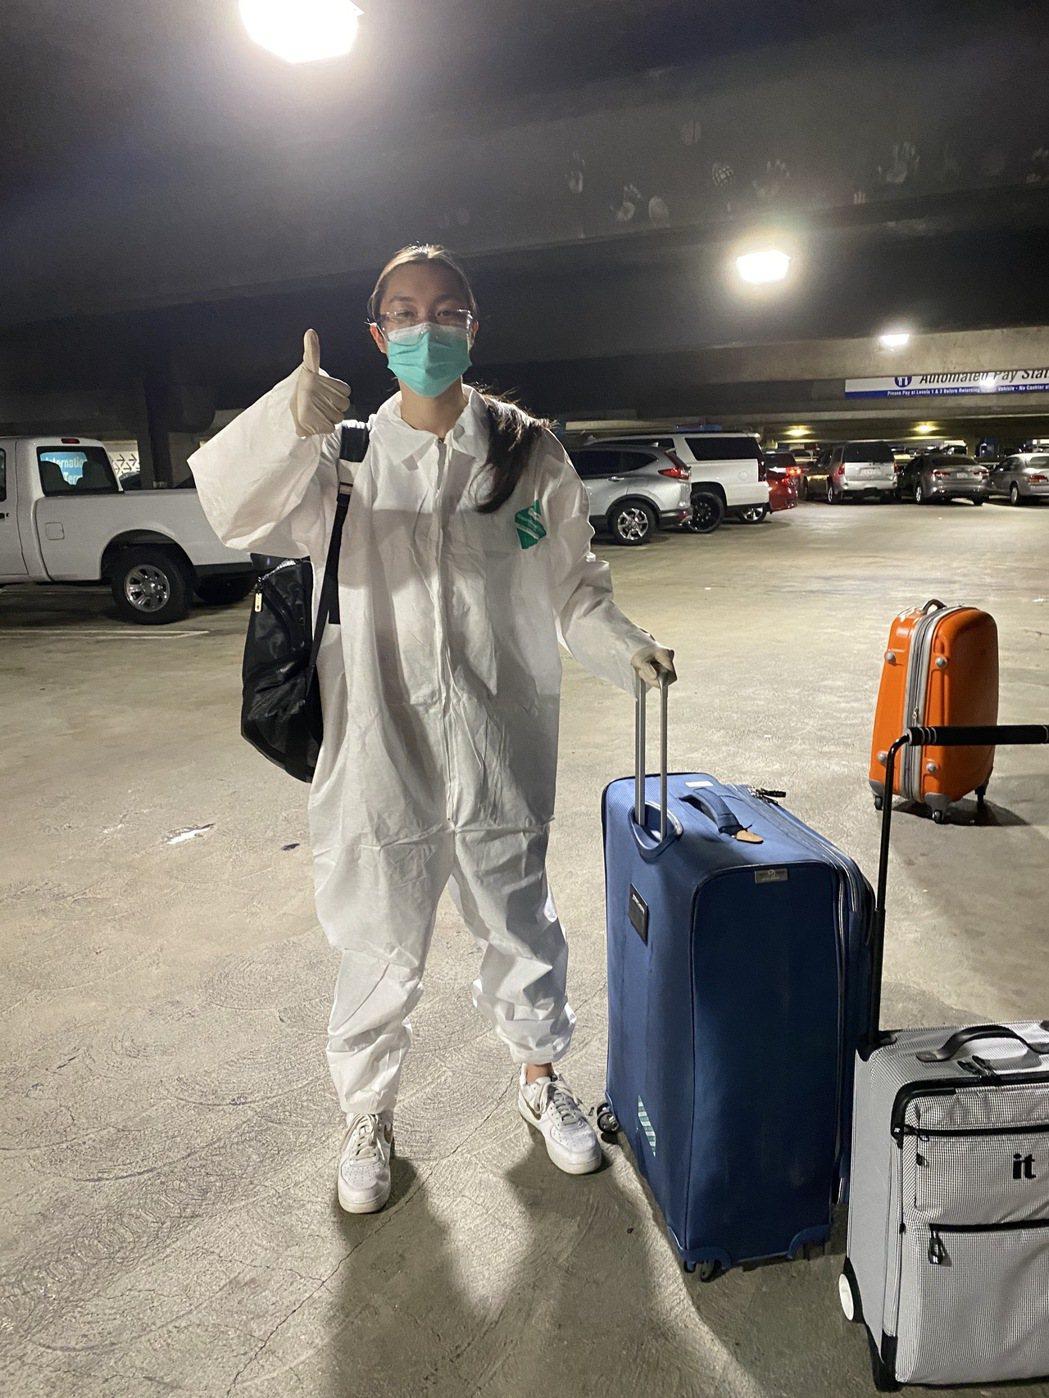 溫翠蘋女兒溫心舞從美國搭了13個小時飛機返台,全程穿防護裝,下機後立刻進入14天